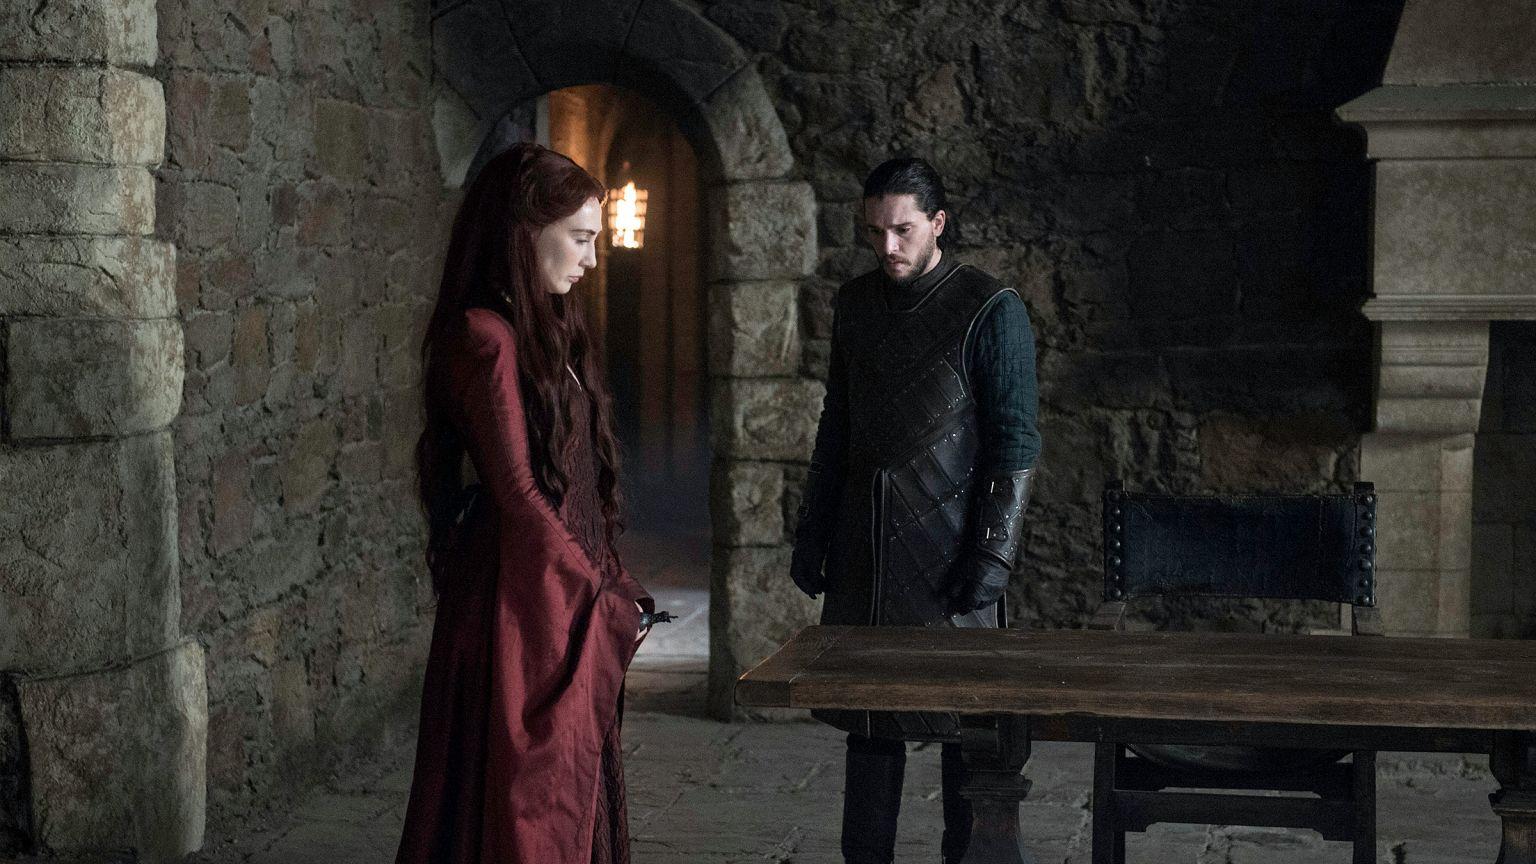 Il Trono di Spade: Carice Van Houten e Kit Harington in un'immagine dell'episodio The Winds of Winter